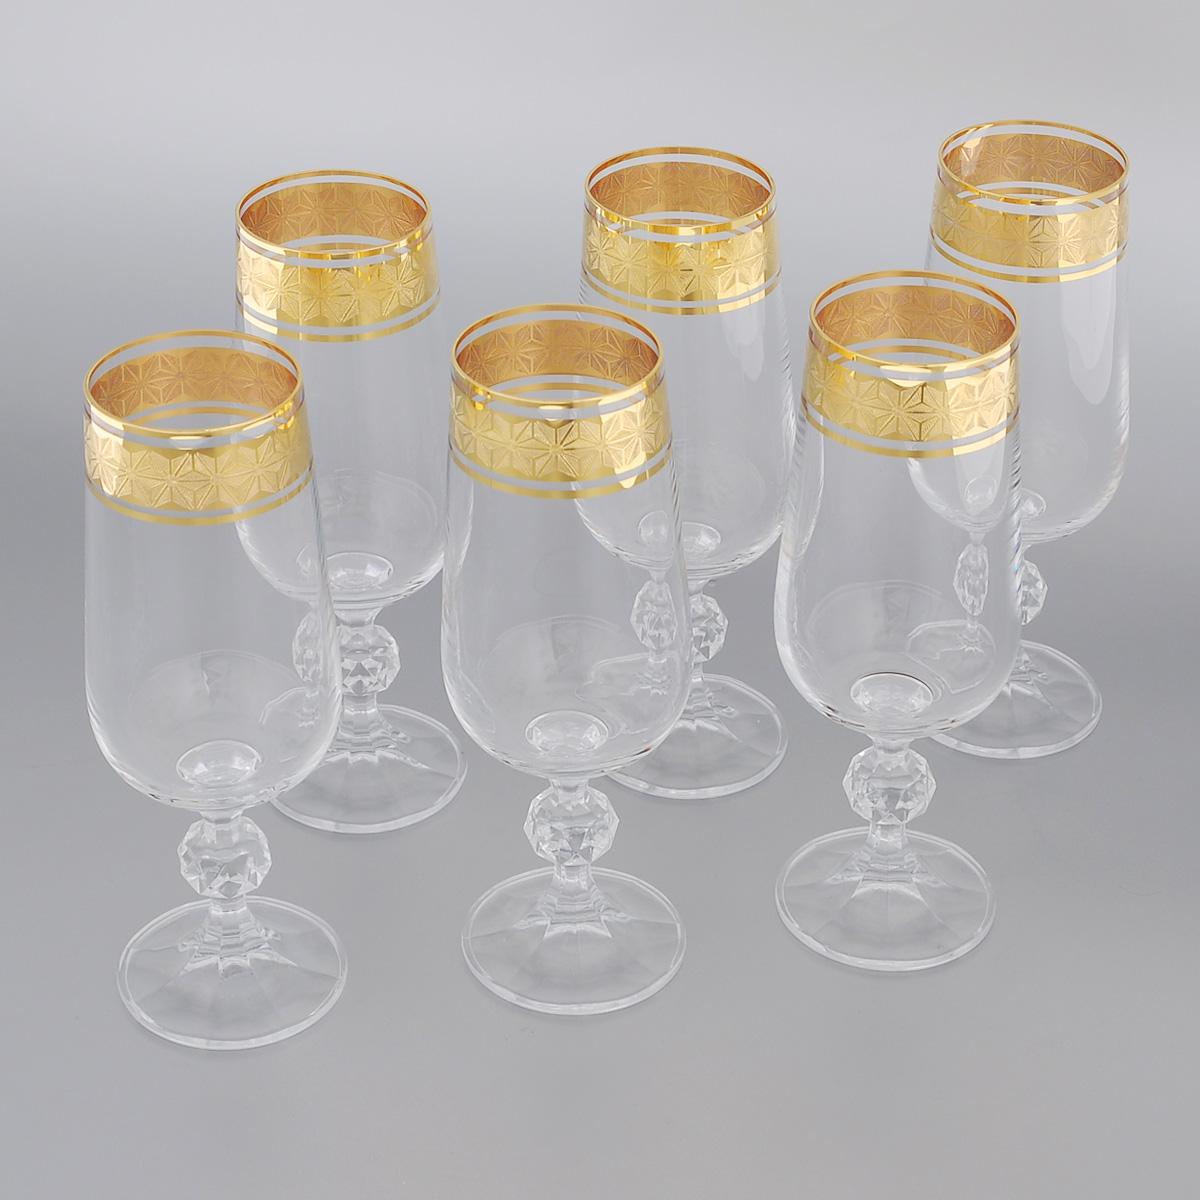 Набор бокалов для шампанского Bohemia Crystal Claudia, 180 мл, 6 шт - Bohemia Crystal700538Набор Bohemia Crystal Claudia состоит из шести бокалов, выполненных из прочного натрий-кальций-силикатного стекла. Изящные бокалы на низких ножках, декорированные золотистым орнаментом и окантовкой, прекрасно подойдут для подачи шампанского. Бокалы излучают приятный блеск и издают мелодичный звон. Бокалы сочетают в себе элегантный дизайн и функциональность. Благодаря такому набору пить шампанское будет еще вкуснее. Набор бокалов Bohemia Crystal Claudiaпрекрасно оформит праздничный стол и создаст приятную атмосферу за романтическим ужином. Такой набор также станет хорошим подарком к любому случаю. Диаметр бокала (по верхнему краю): 4,5 см. Высота бокала: 17,2 см. Диаметр основания: 5,5 см.